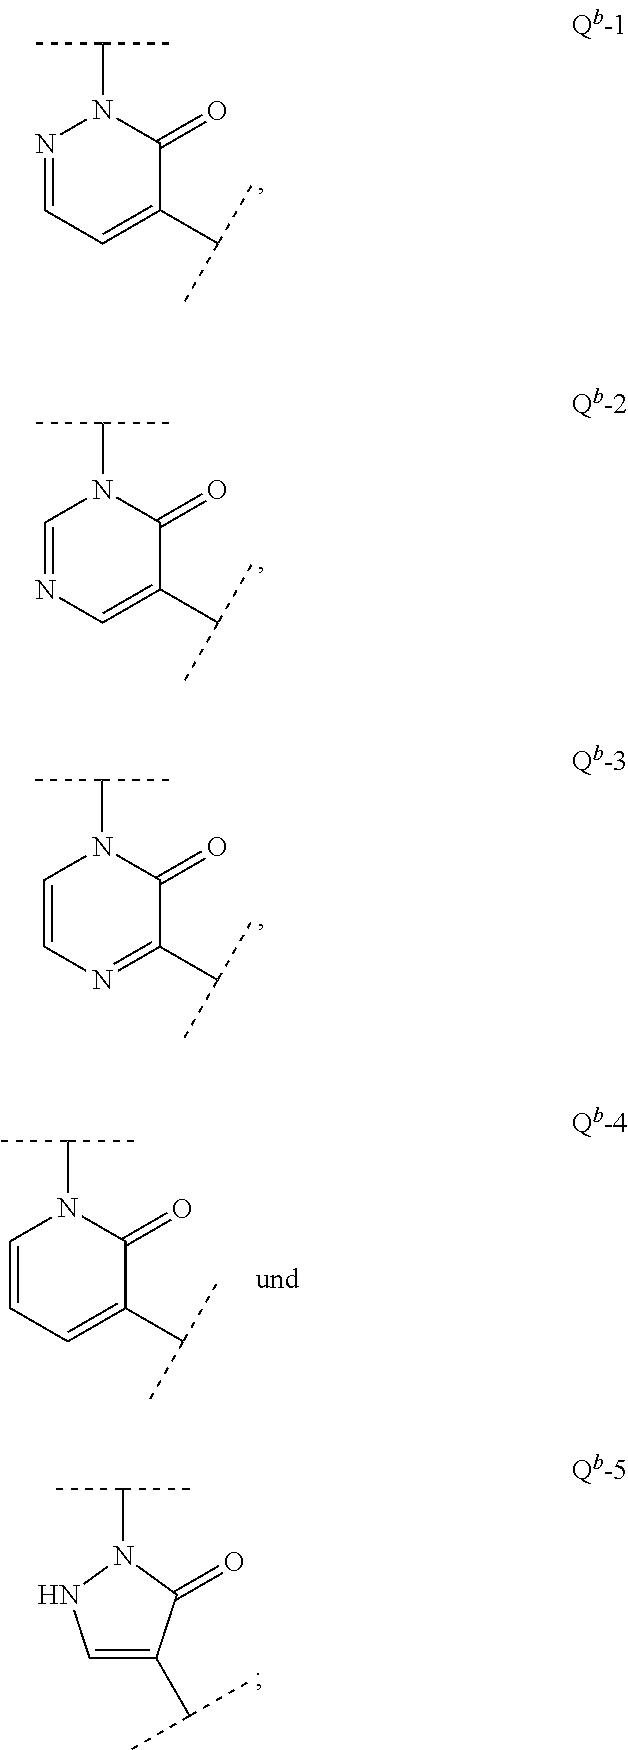 Figure US08895581-20141125-C00006